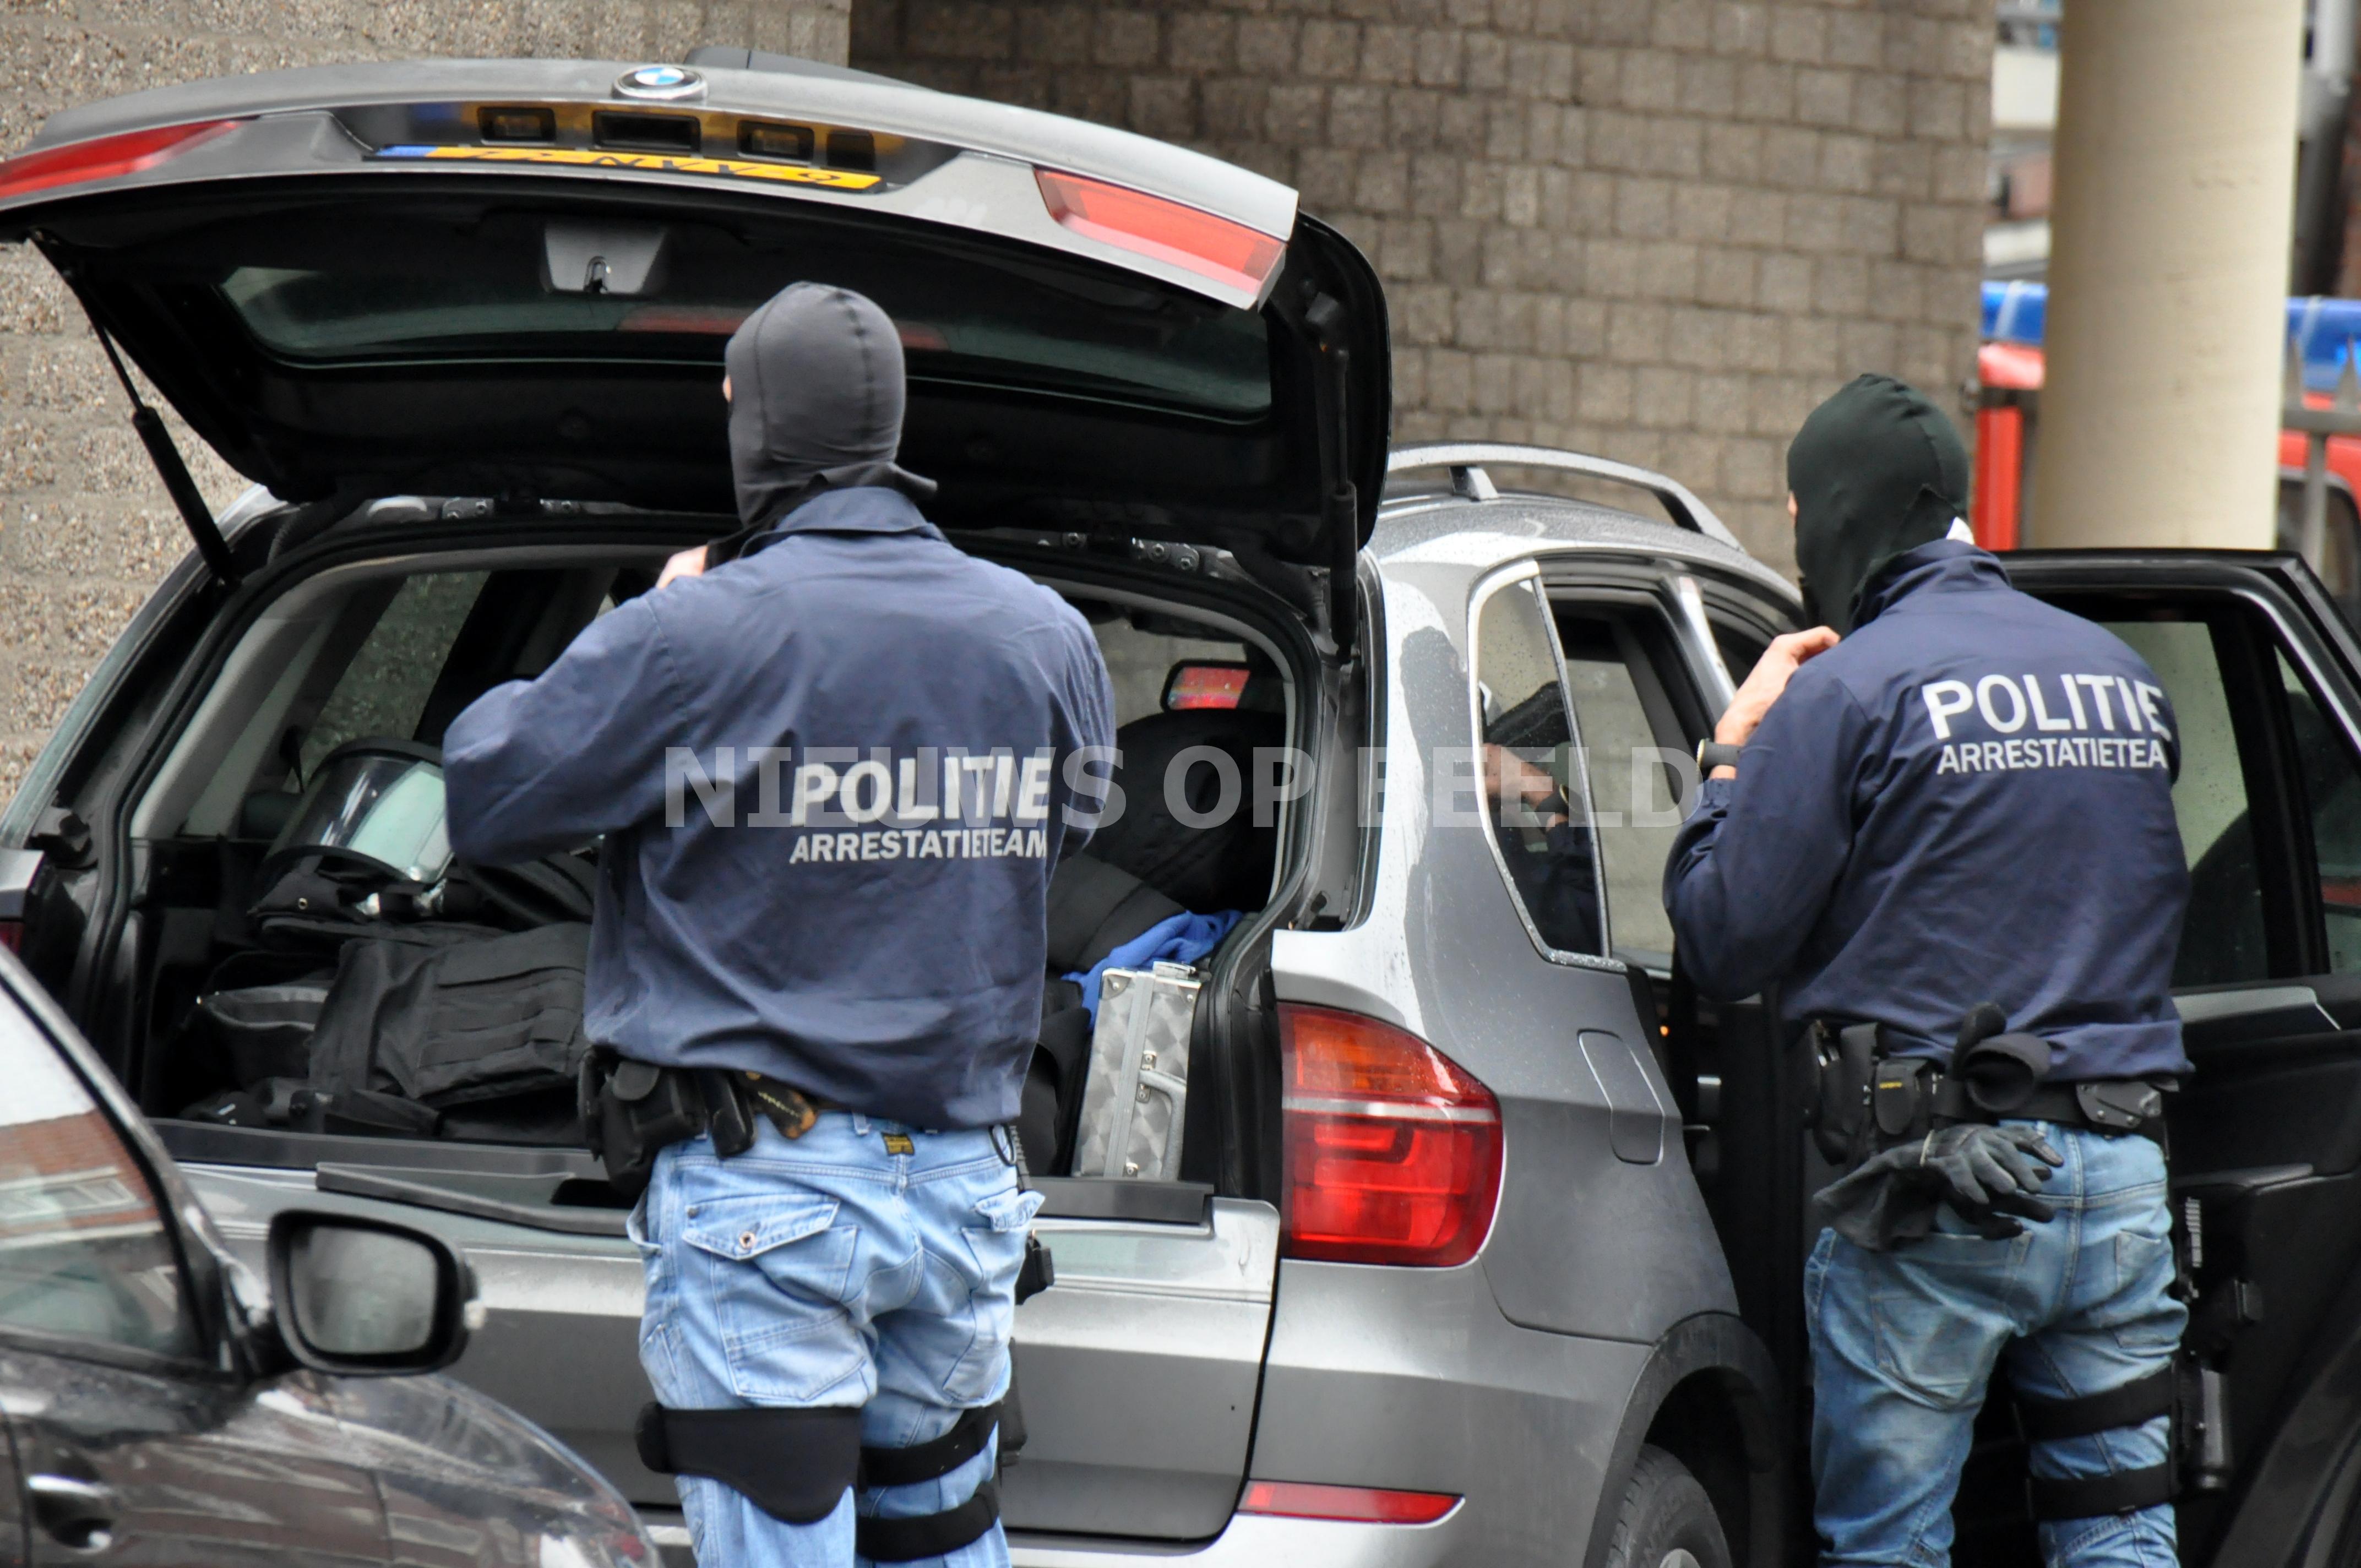 Inwoners van Tilburg door arrestatieteam aangehouden voor diefstal bij transportbedrijf Alblasserdam